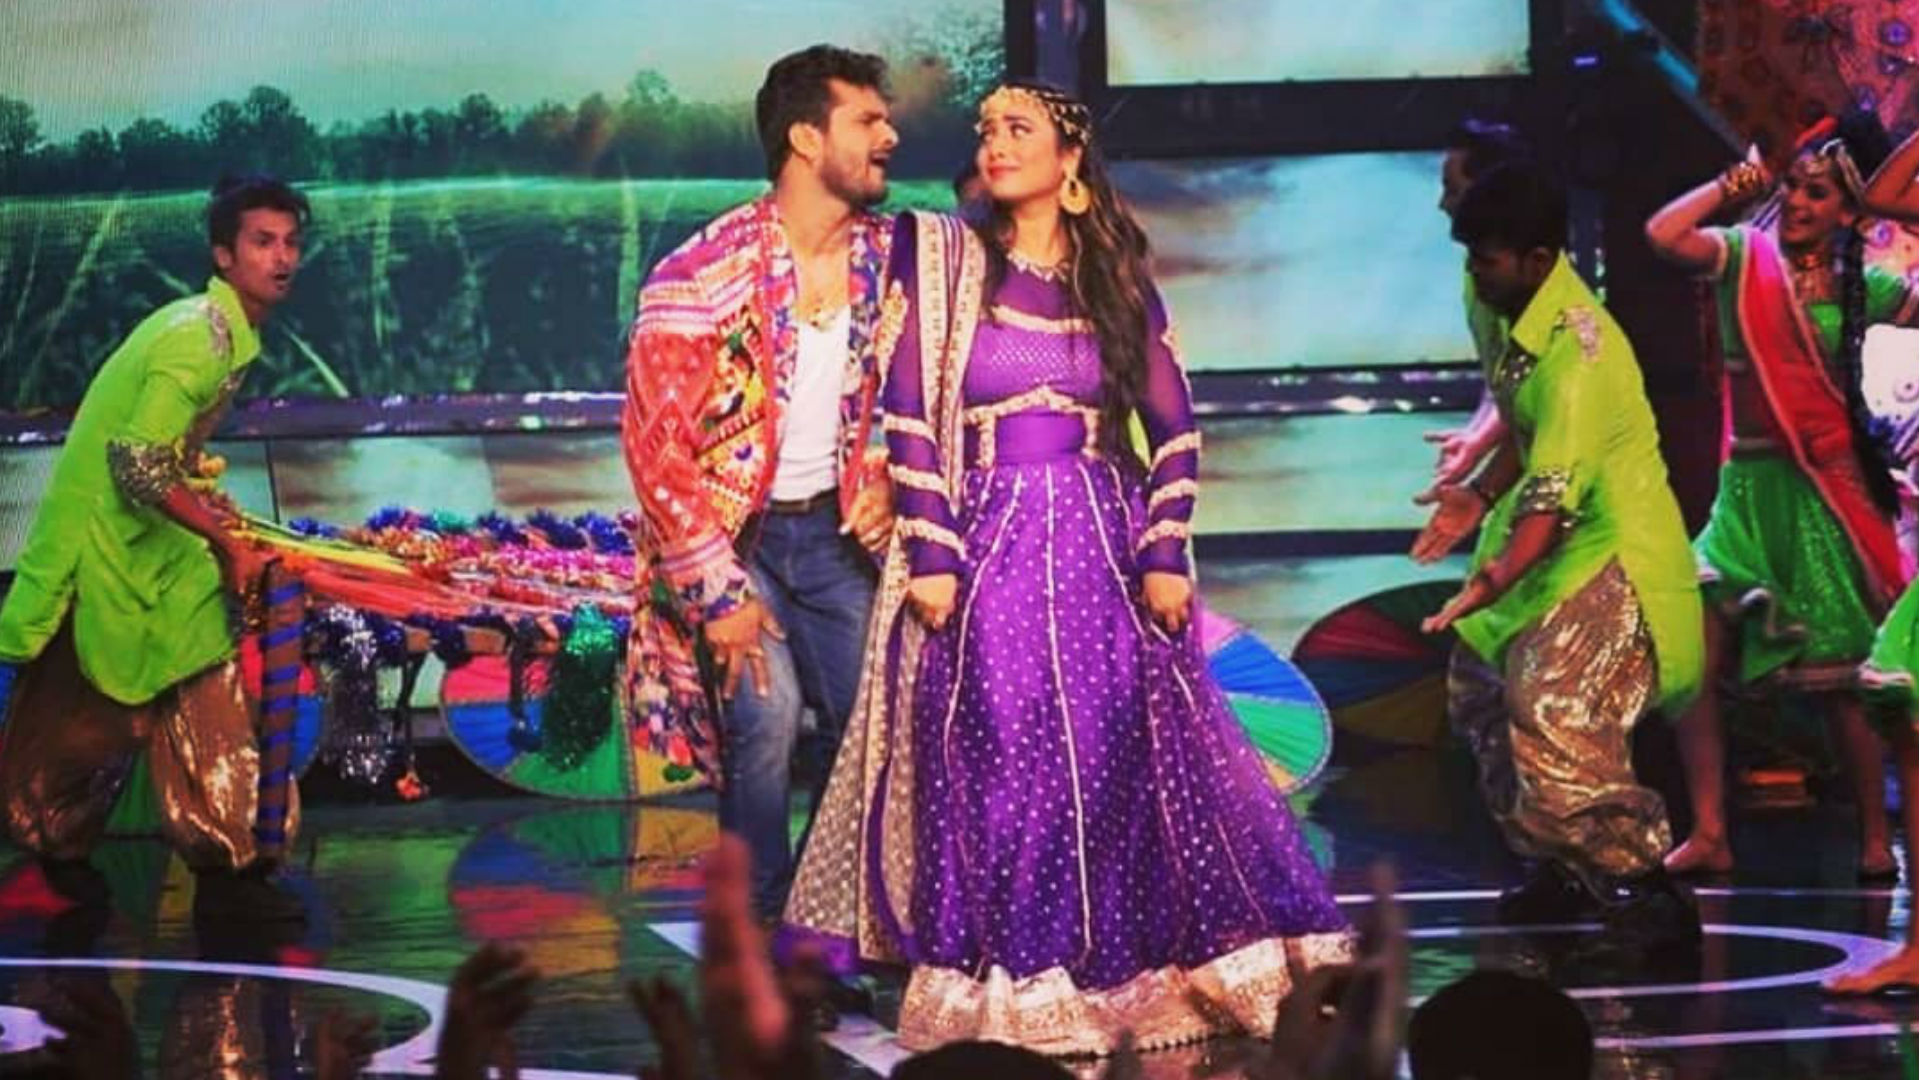 भोजपुरी क्वीन रानी चटर्जी ने सलमान खान-खेसारी लाल यादव संग शेयर किया वीडियो, 'दबंग' के लिए गाया ये गाना